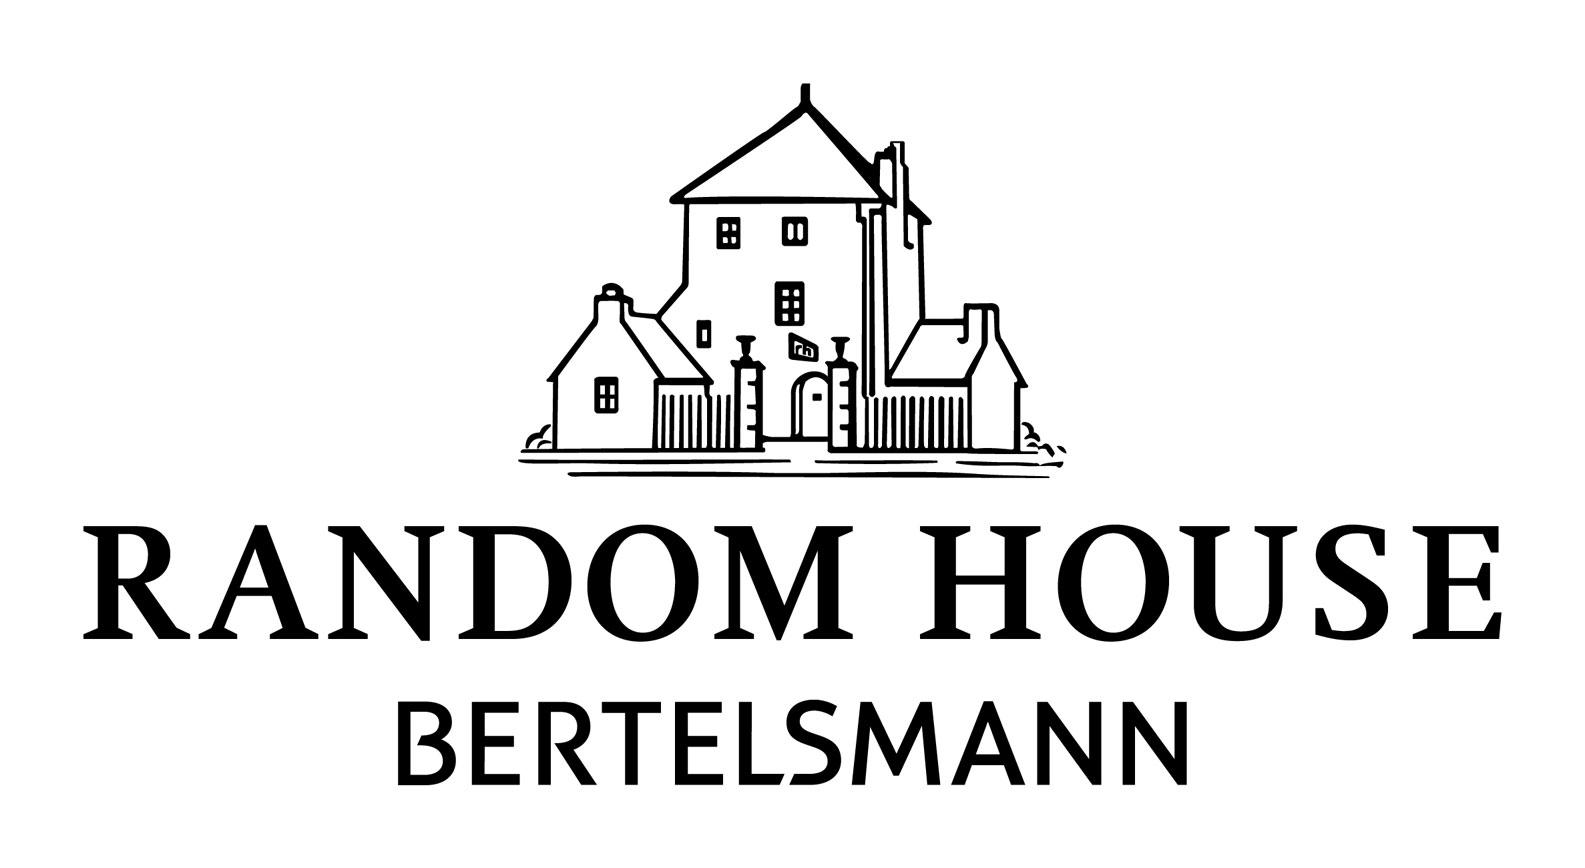 RandomHouse s.jpg